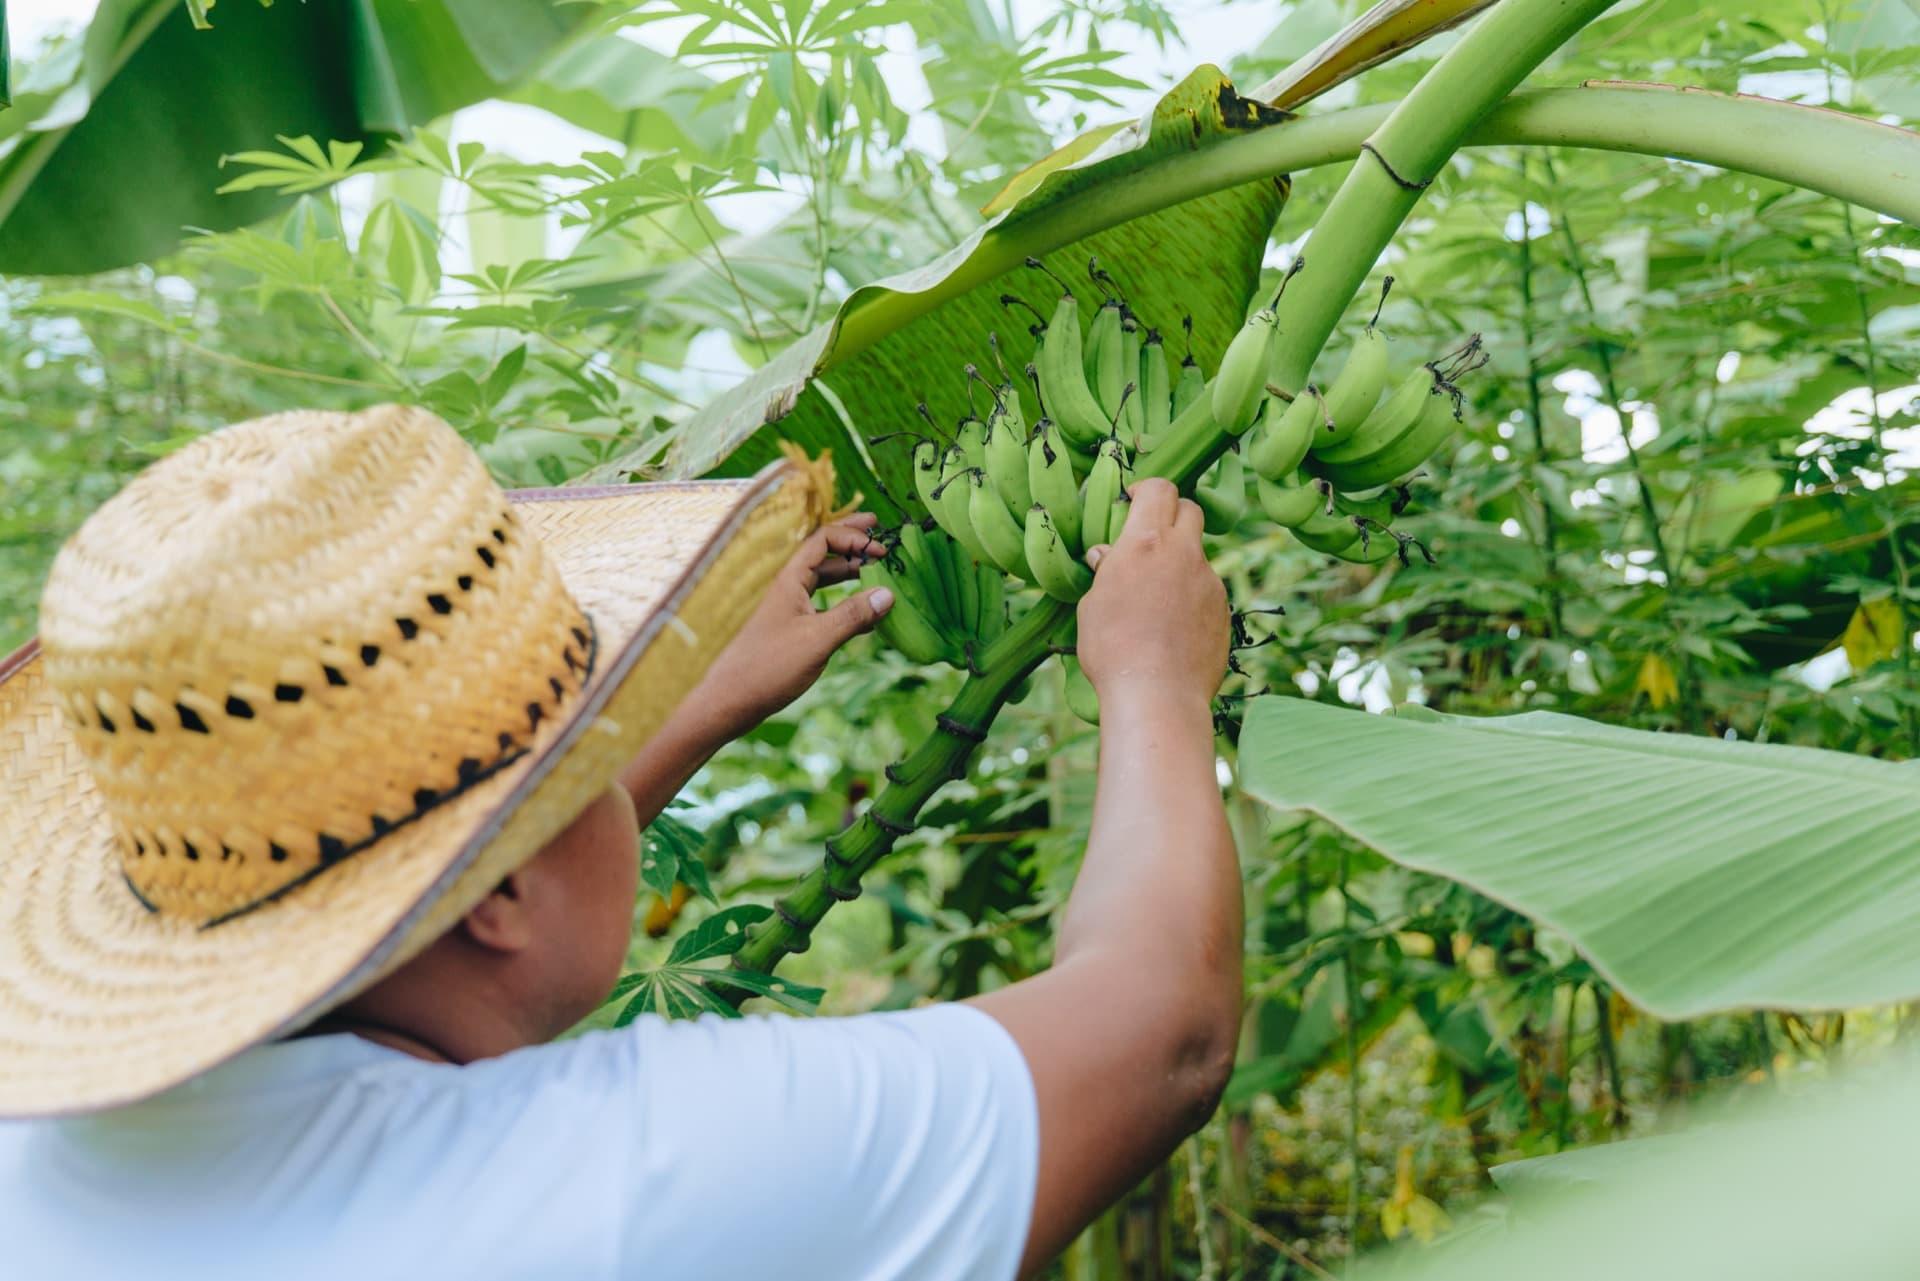 La frutta prodotta genera sicurezza alimentare e sostegno economico